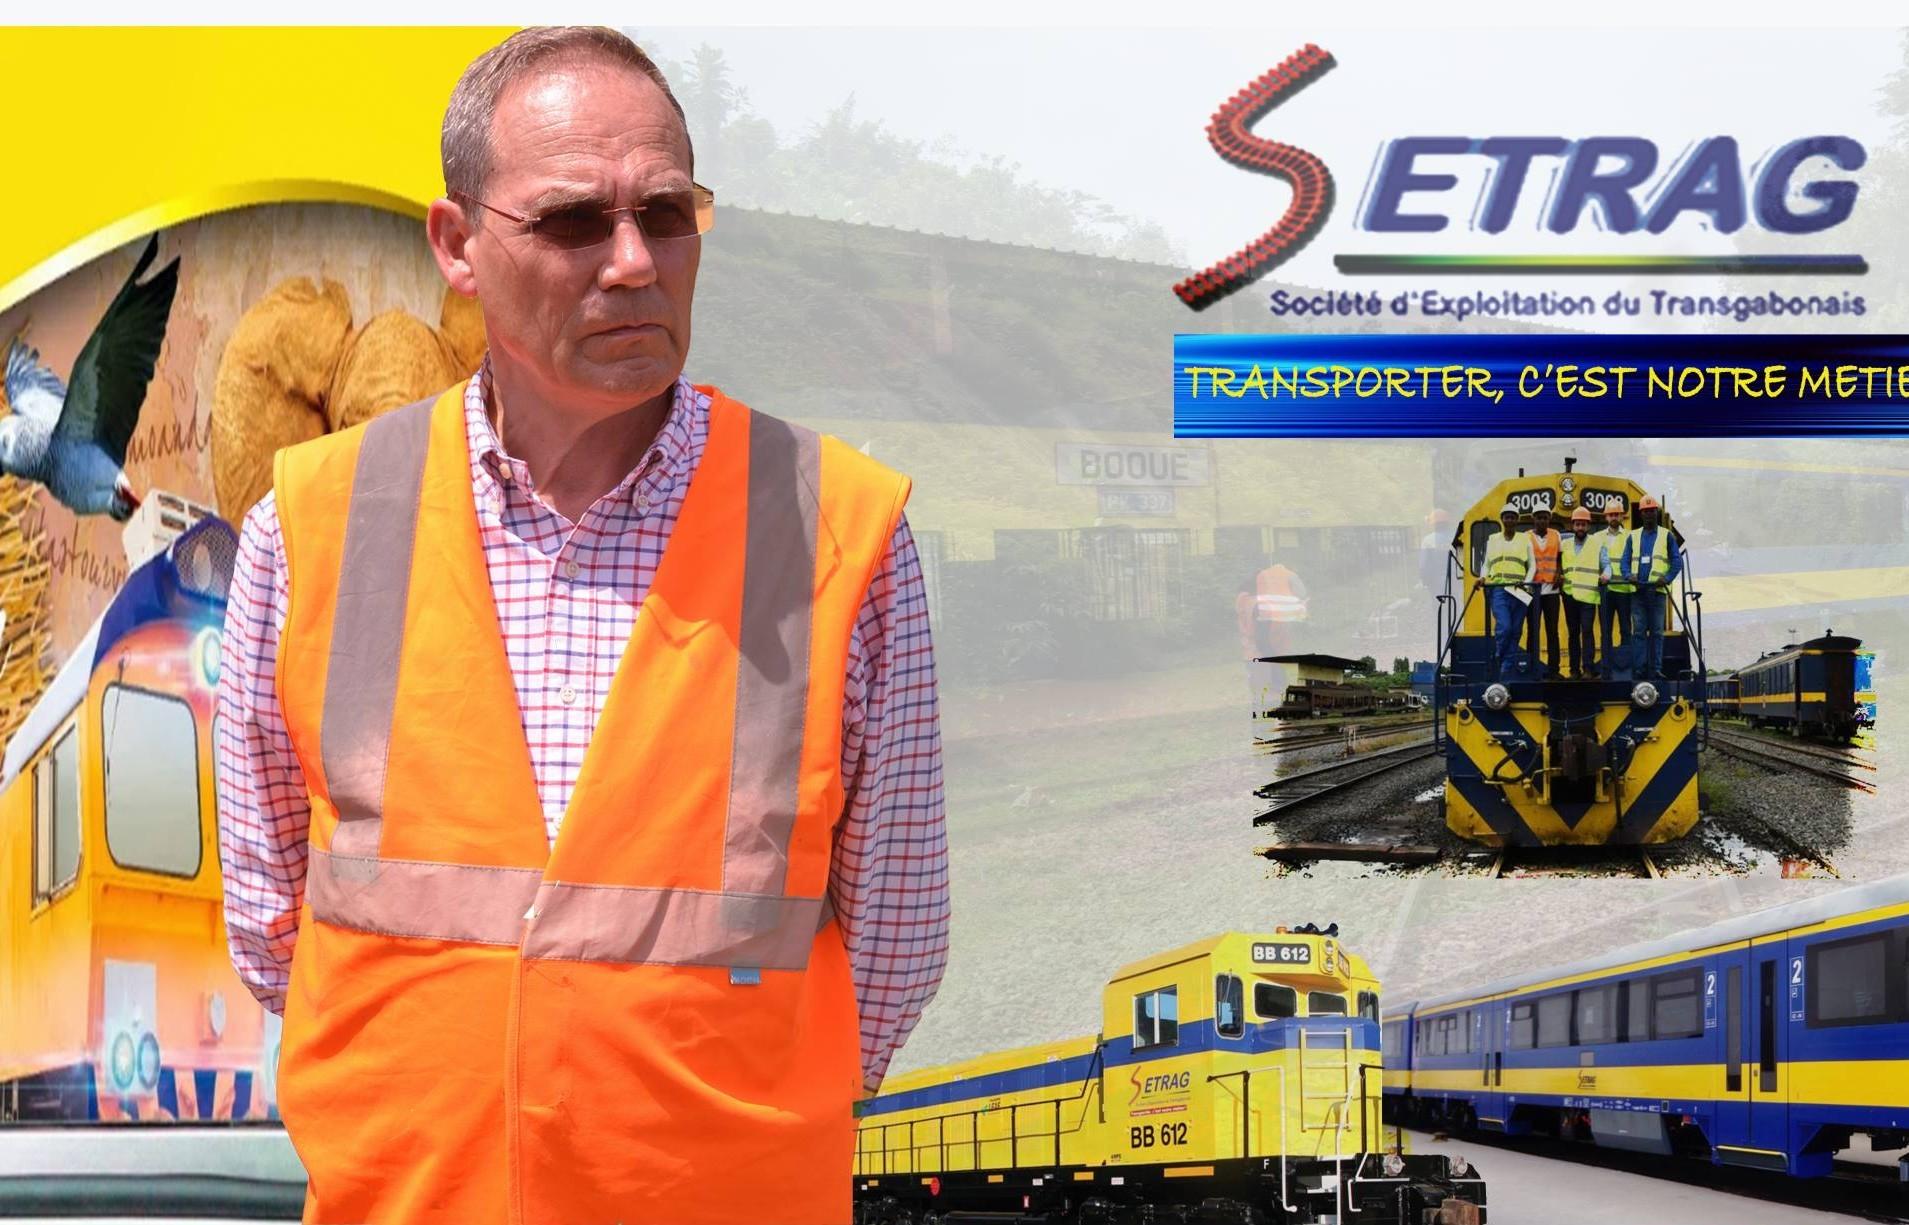 La sécurité autour du chemin de fer préoccupe Sétrag